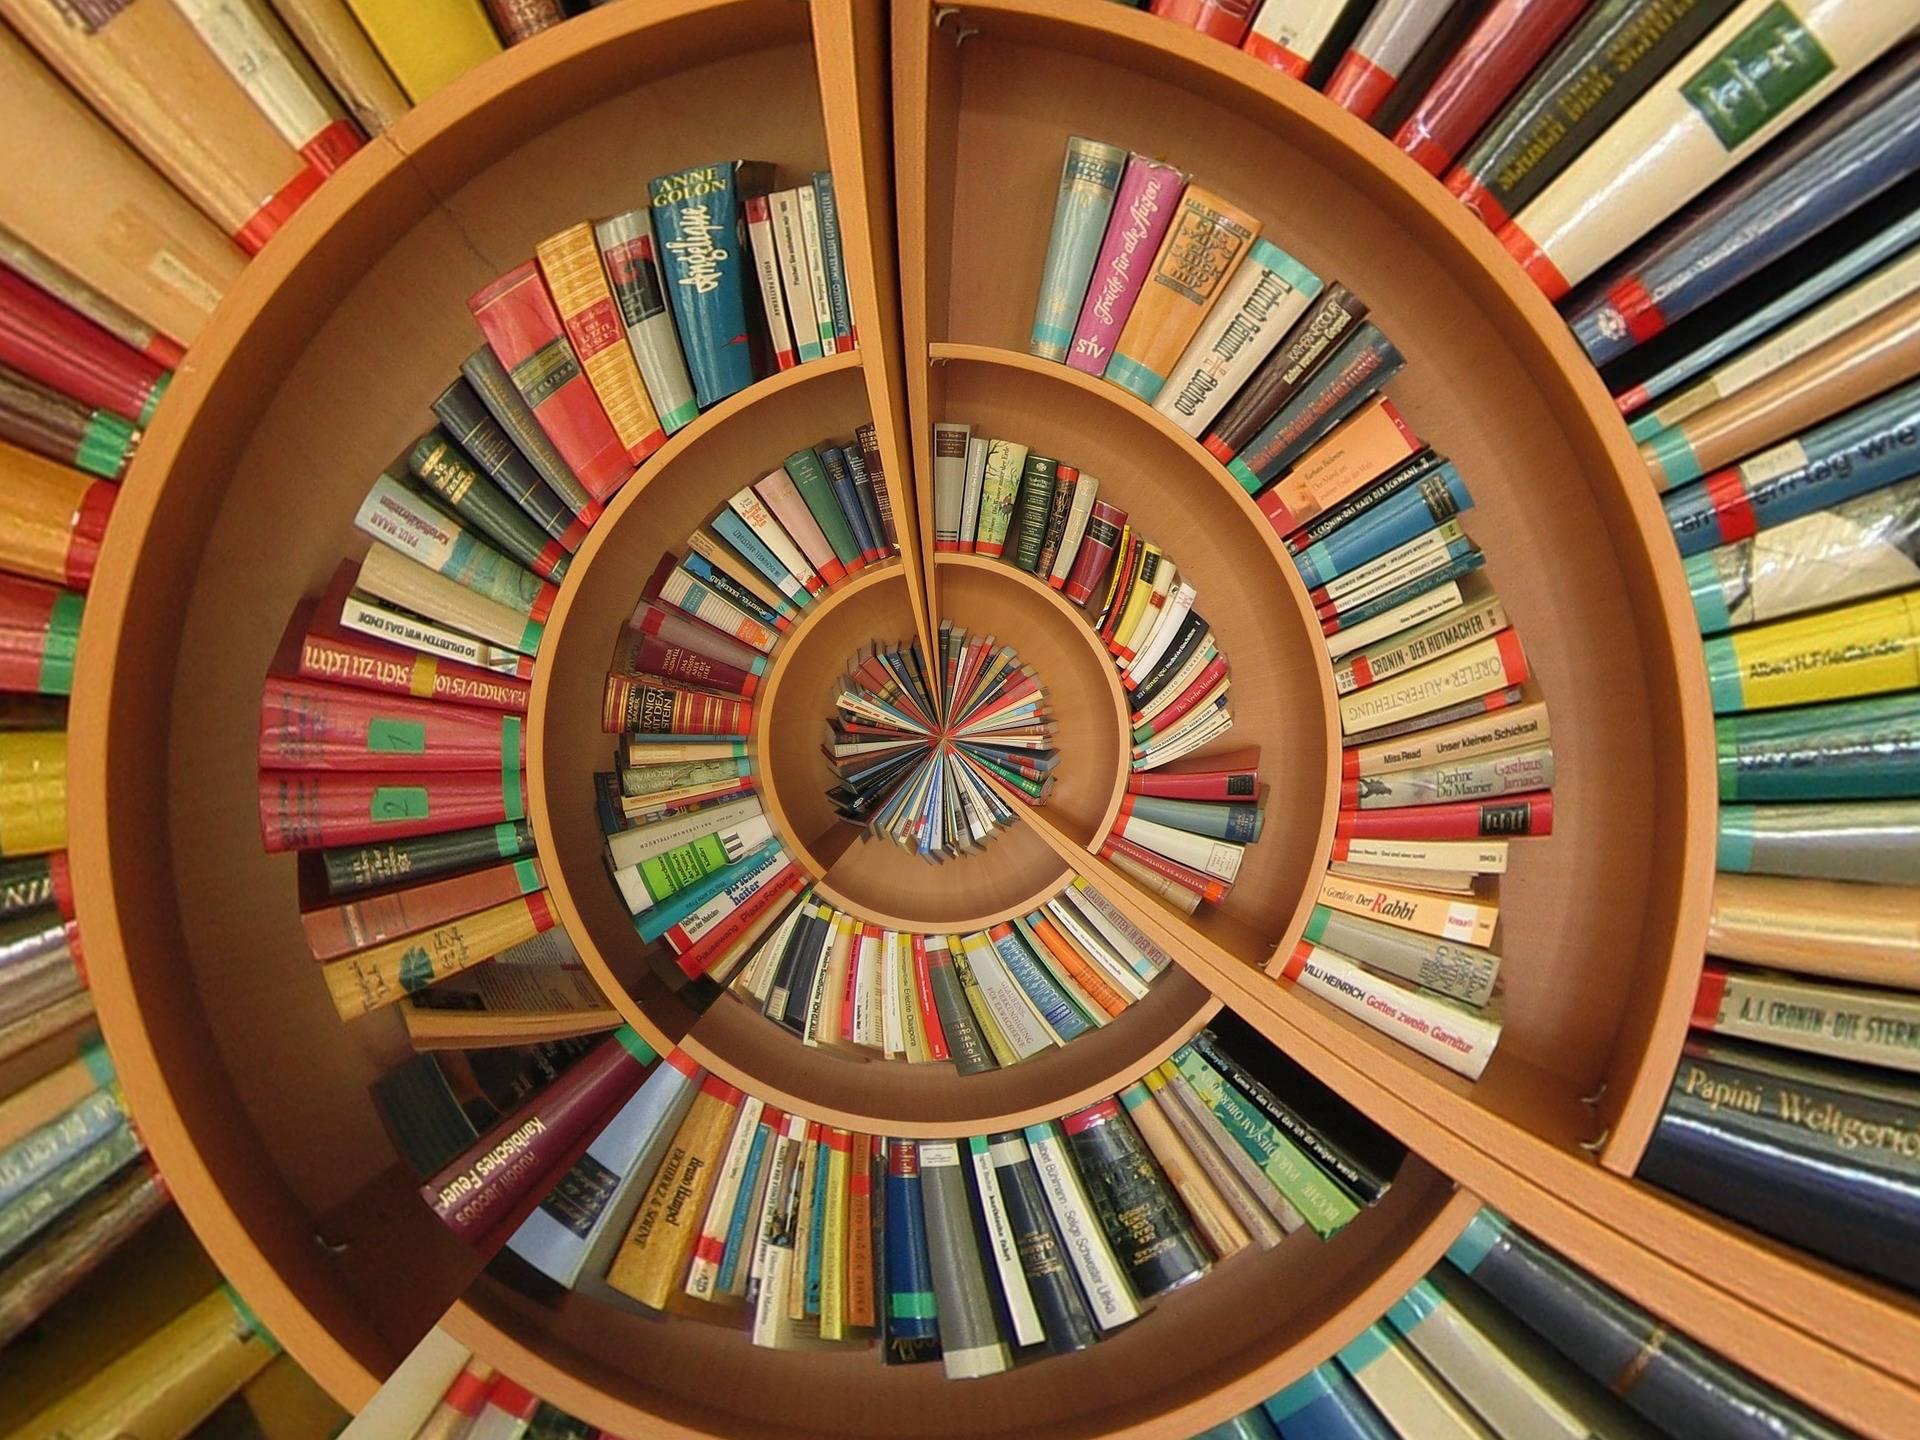 Собираем Библиотеку: 50 книг о бизнесе, которые должен прочитать каждый предприниматель